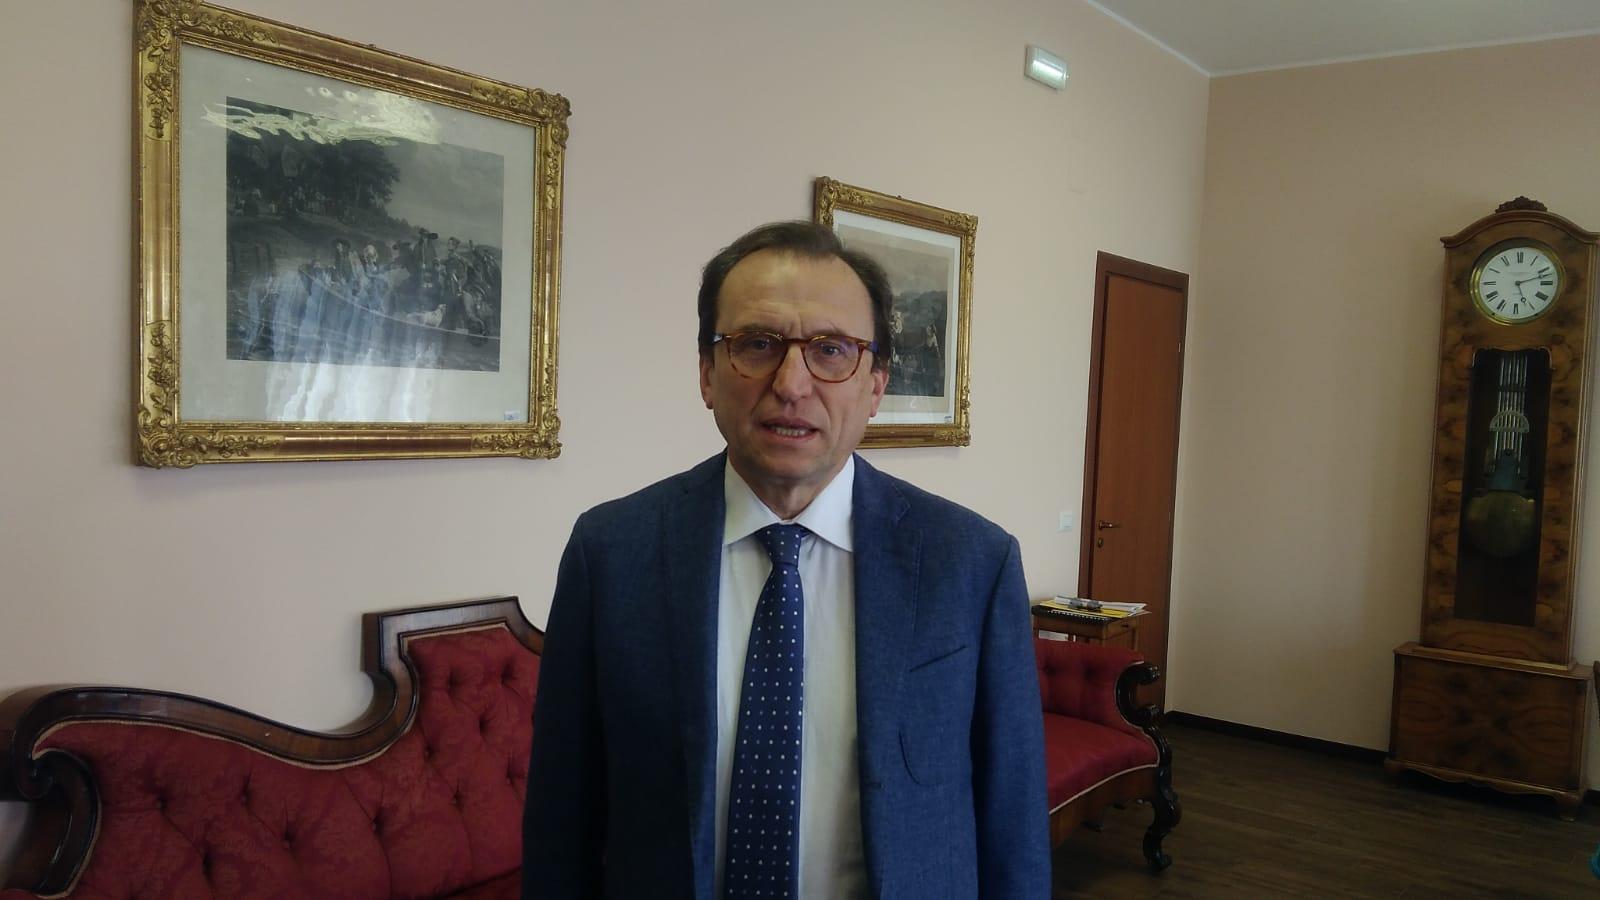 Ospedale S.Antonio Abate: Il mazarese Gaspare Marino è il nuovo Direttore della struttura complessa di Pneumologia